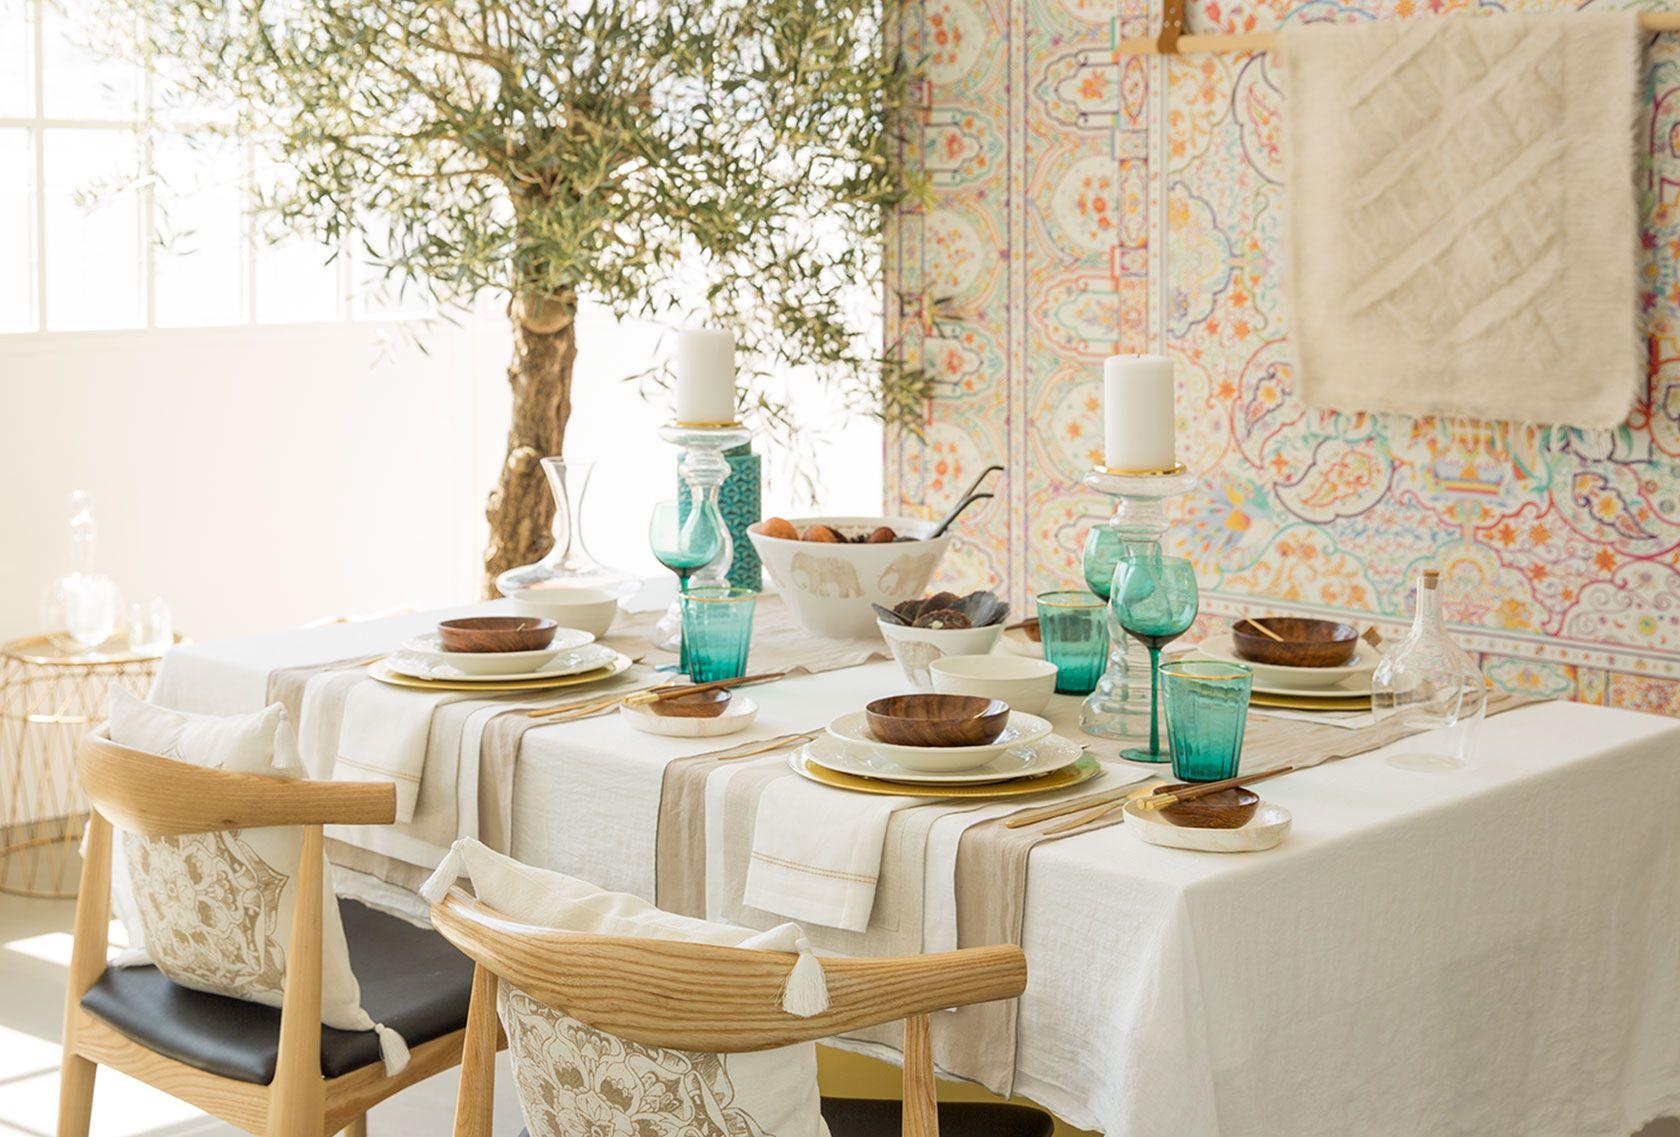 Crea ambientes acogedores con los manteles, caminos de mesa, servilletas, salvamanteles, posavasos, vajillas y cubiertos del catálogo SS 16 de Zara Home.